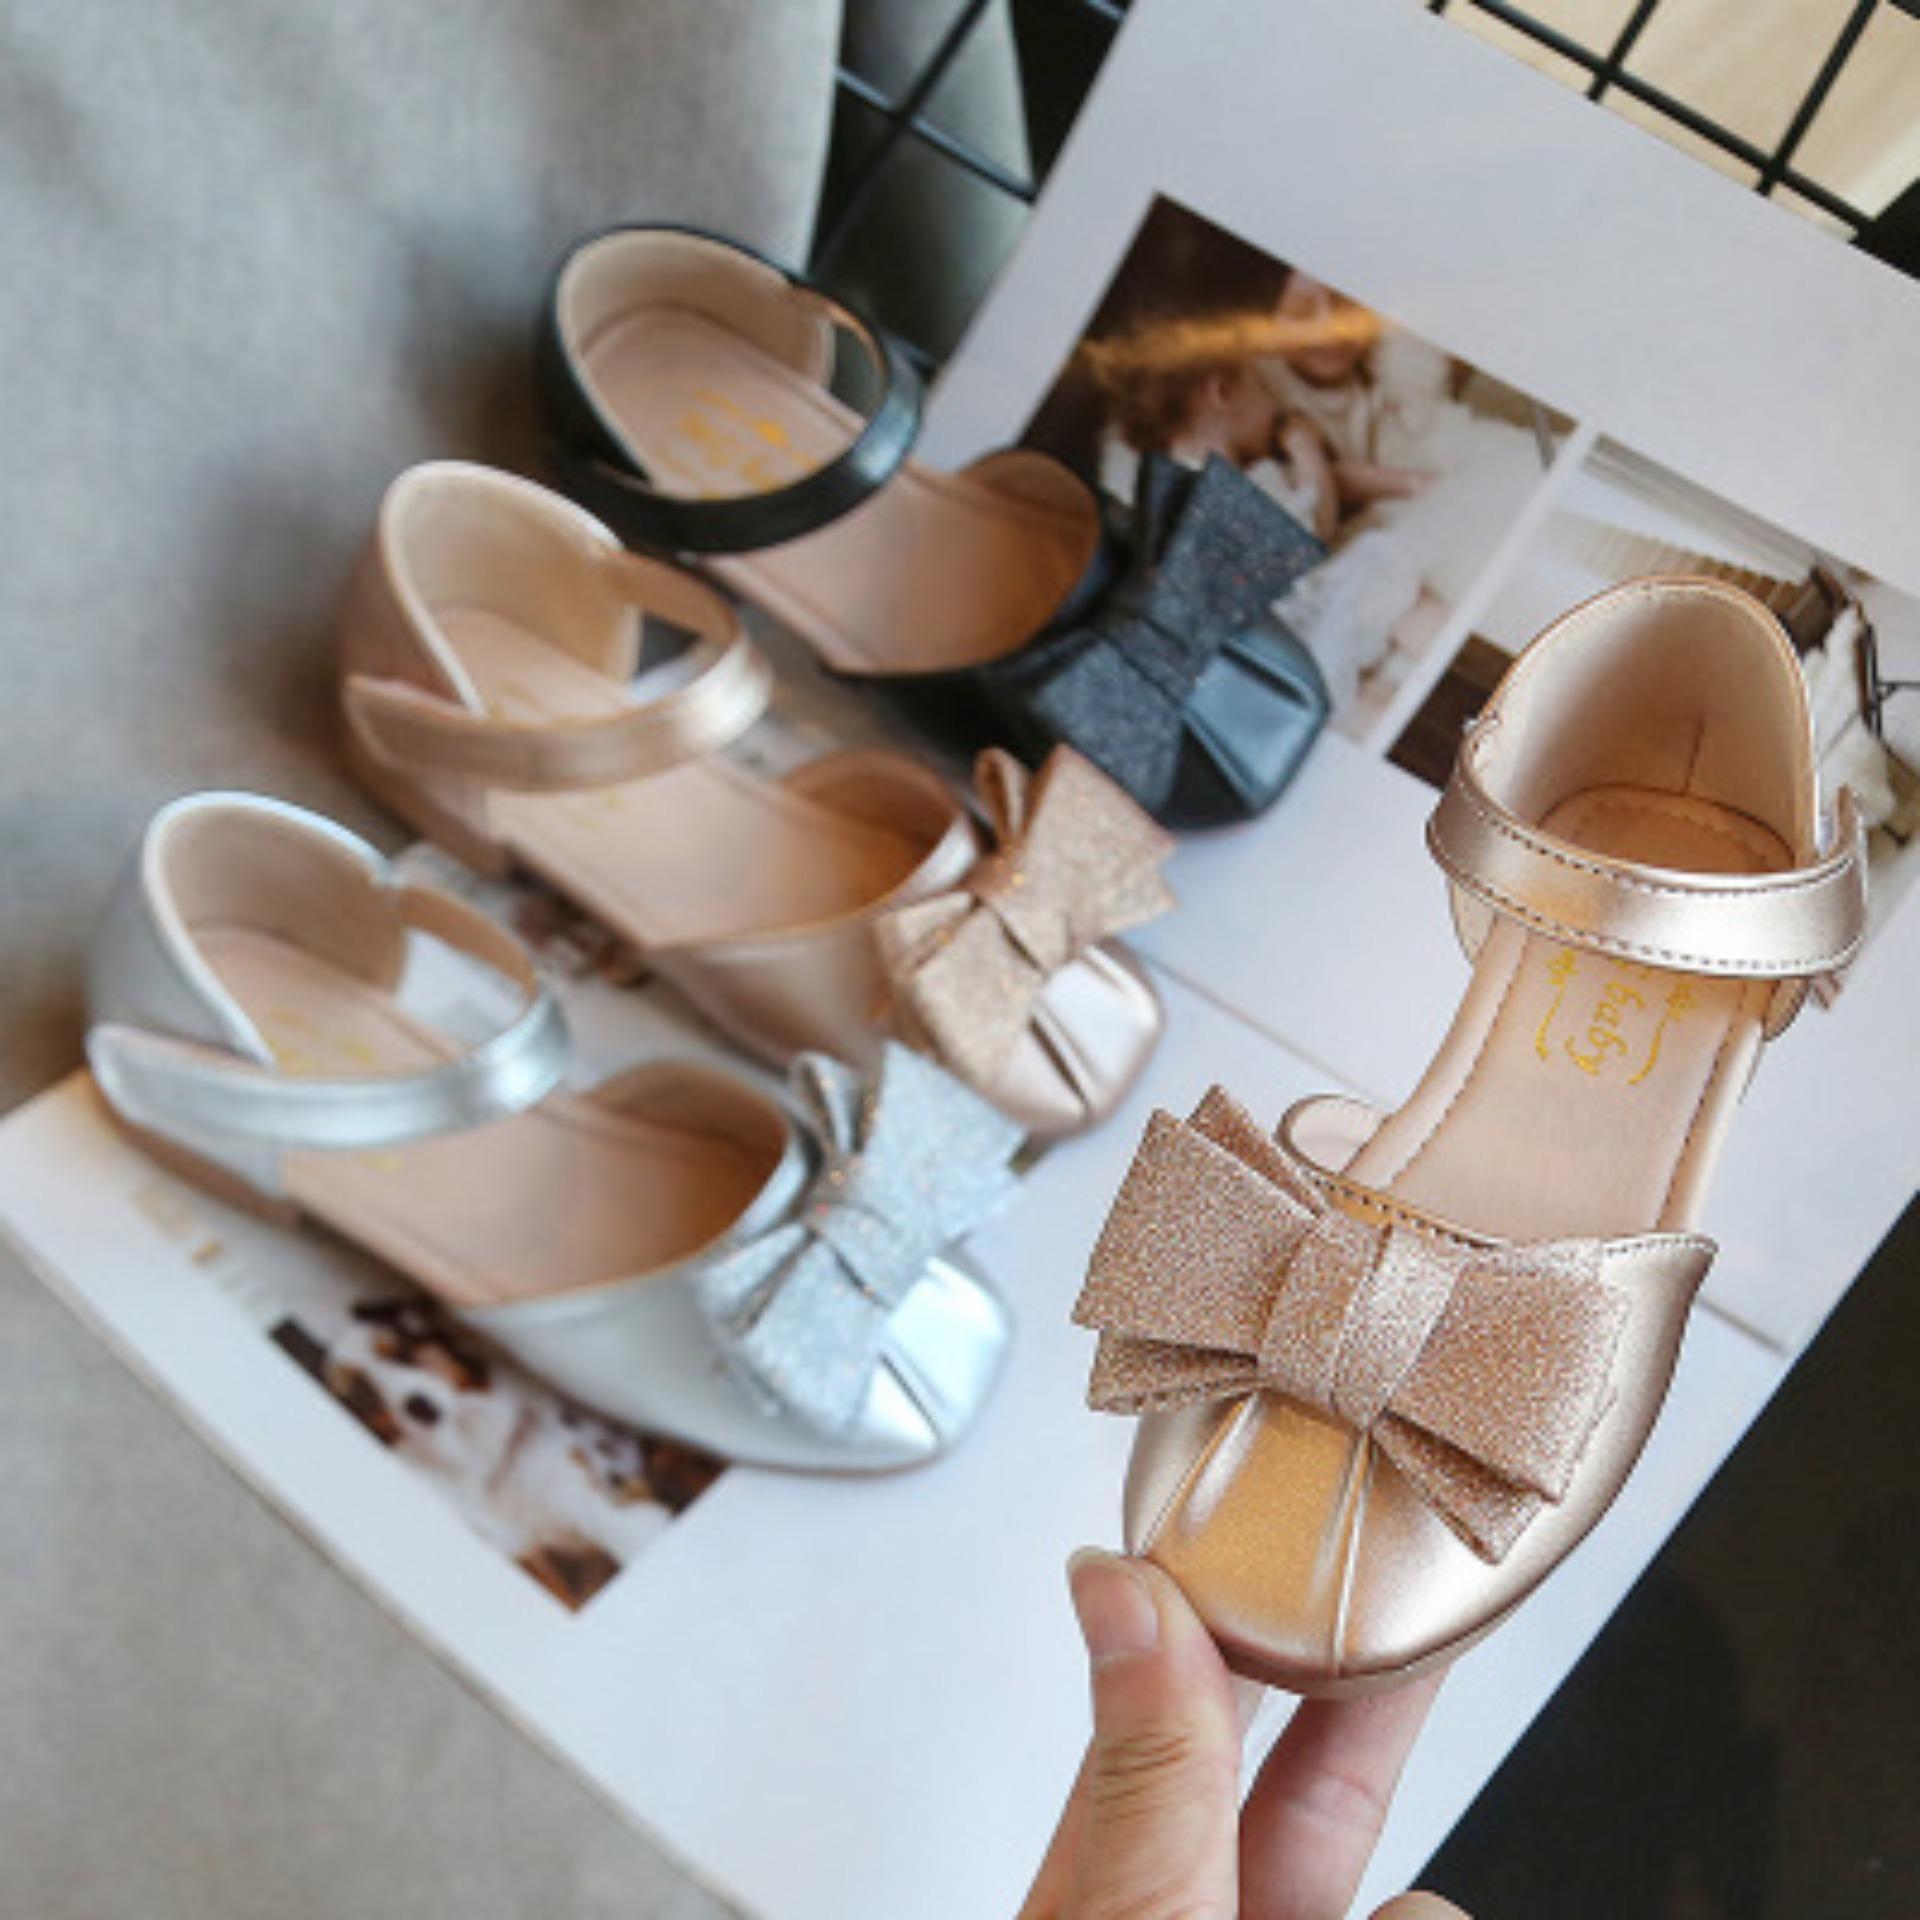 Giá bán Giày búp bê đính nơ siêu xinh cho bé gái. M139